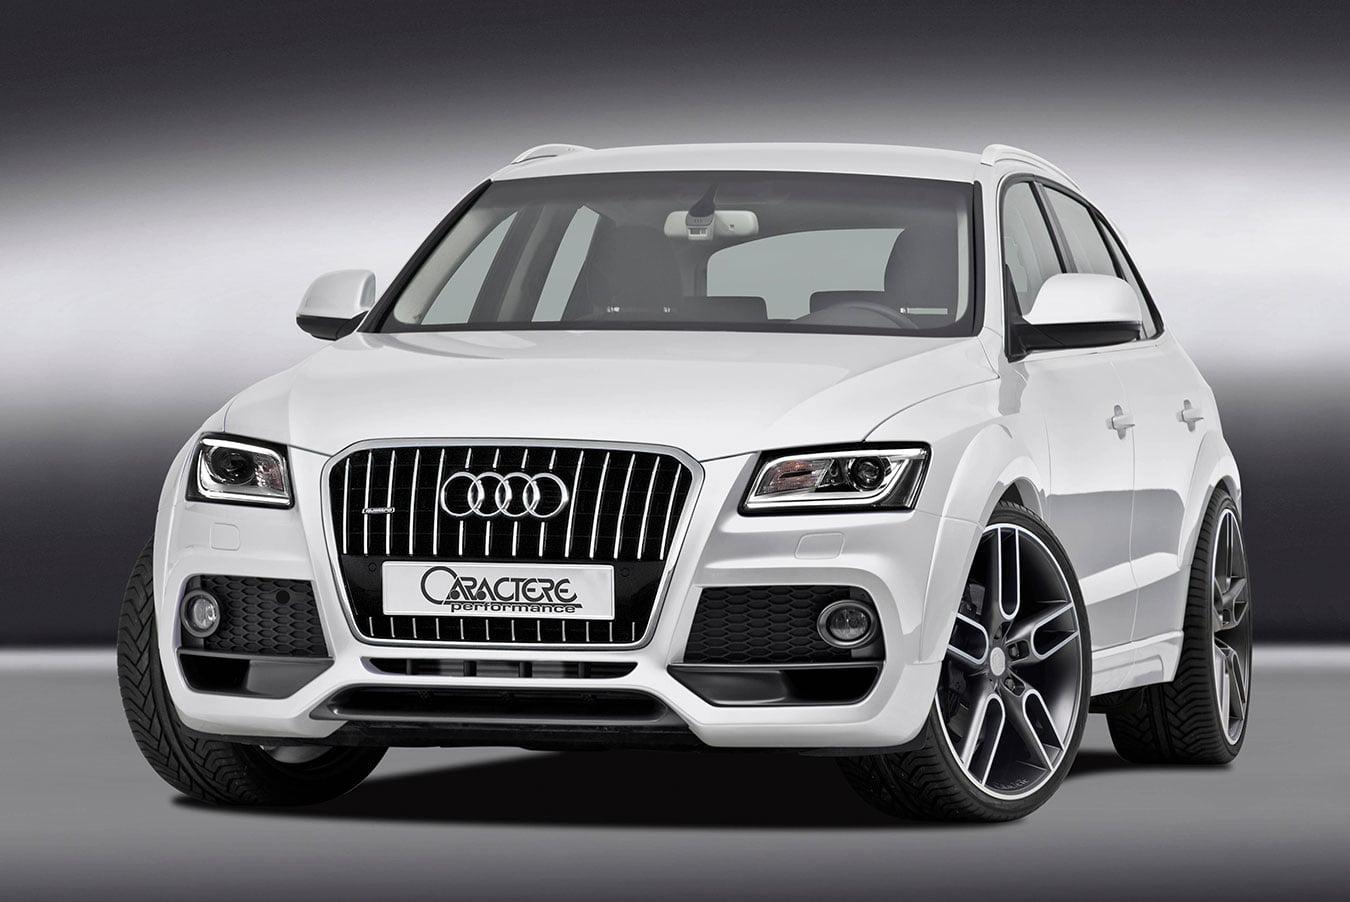 Audi Q5 B8.5 (2013-2016)